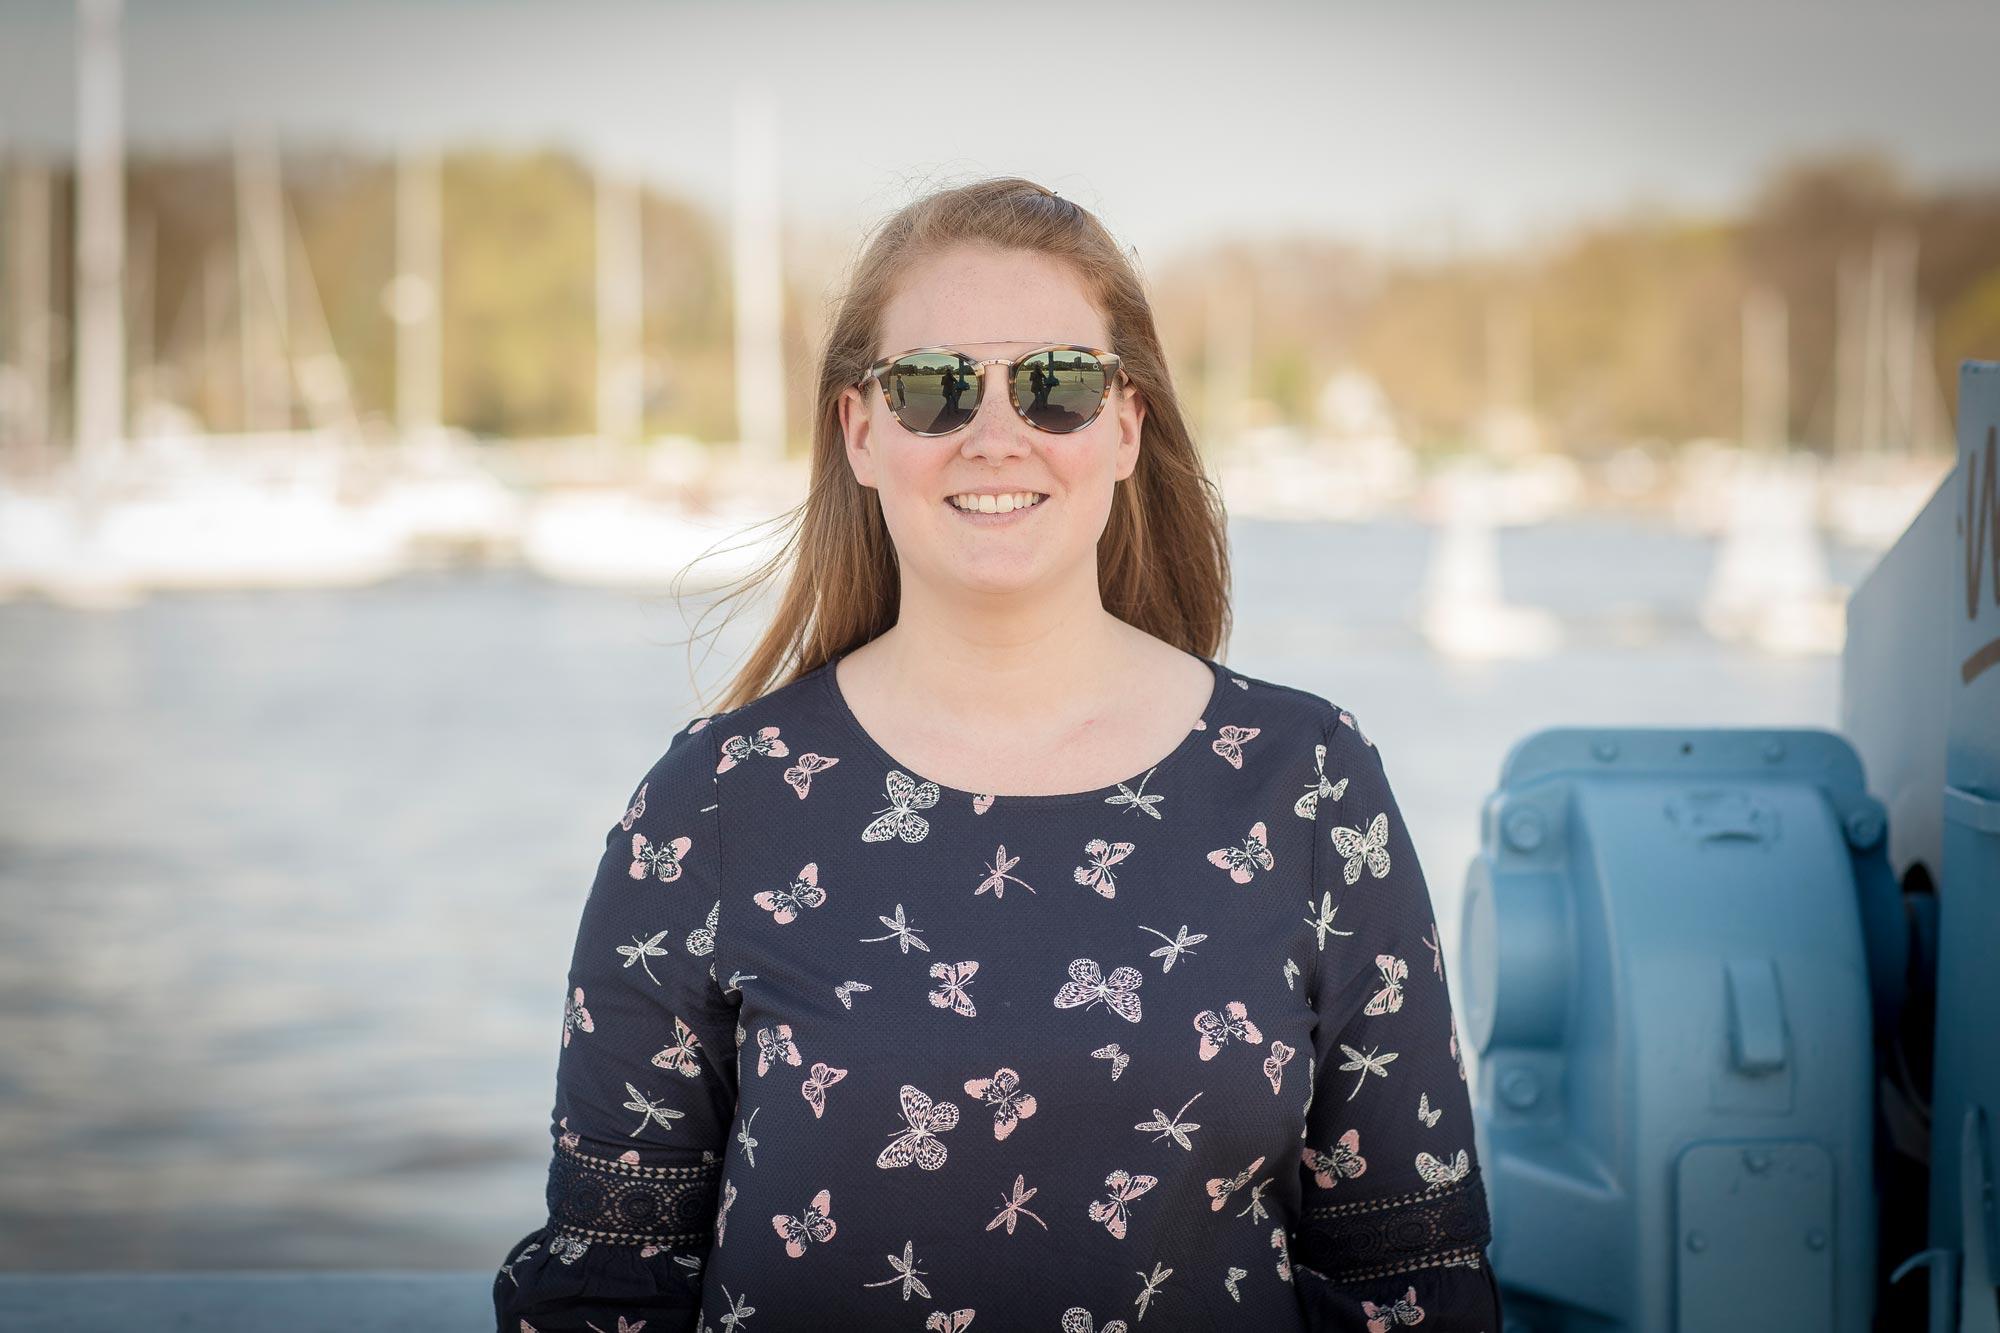 Michaela Greve ist Augenoptikermeisterin bei Optik Sagawe im Doberaner Hof - hat hier eine Sonnenbrille von Etnia Barcelona auf